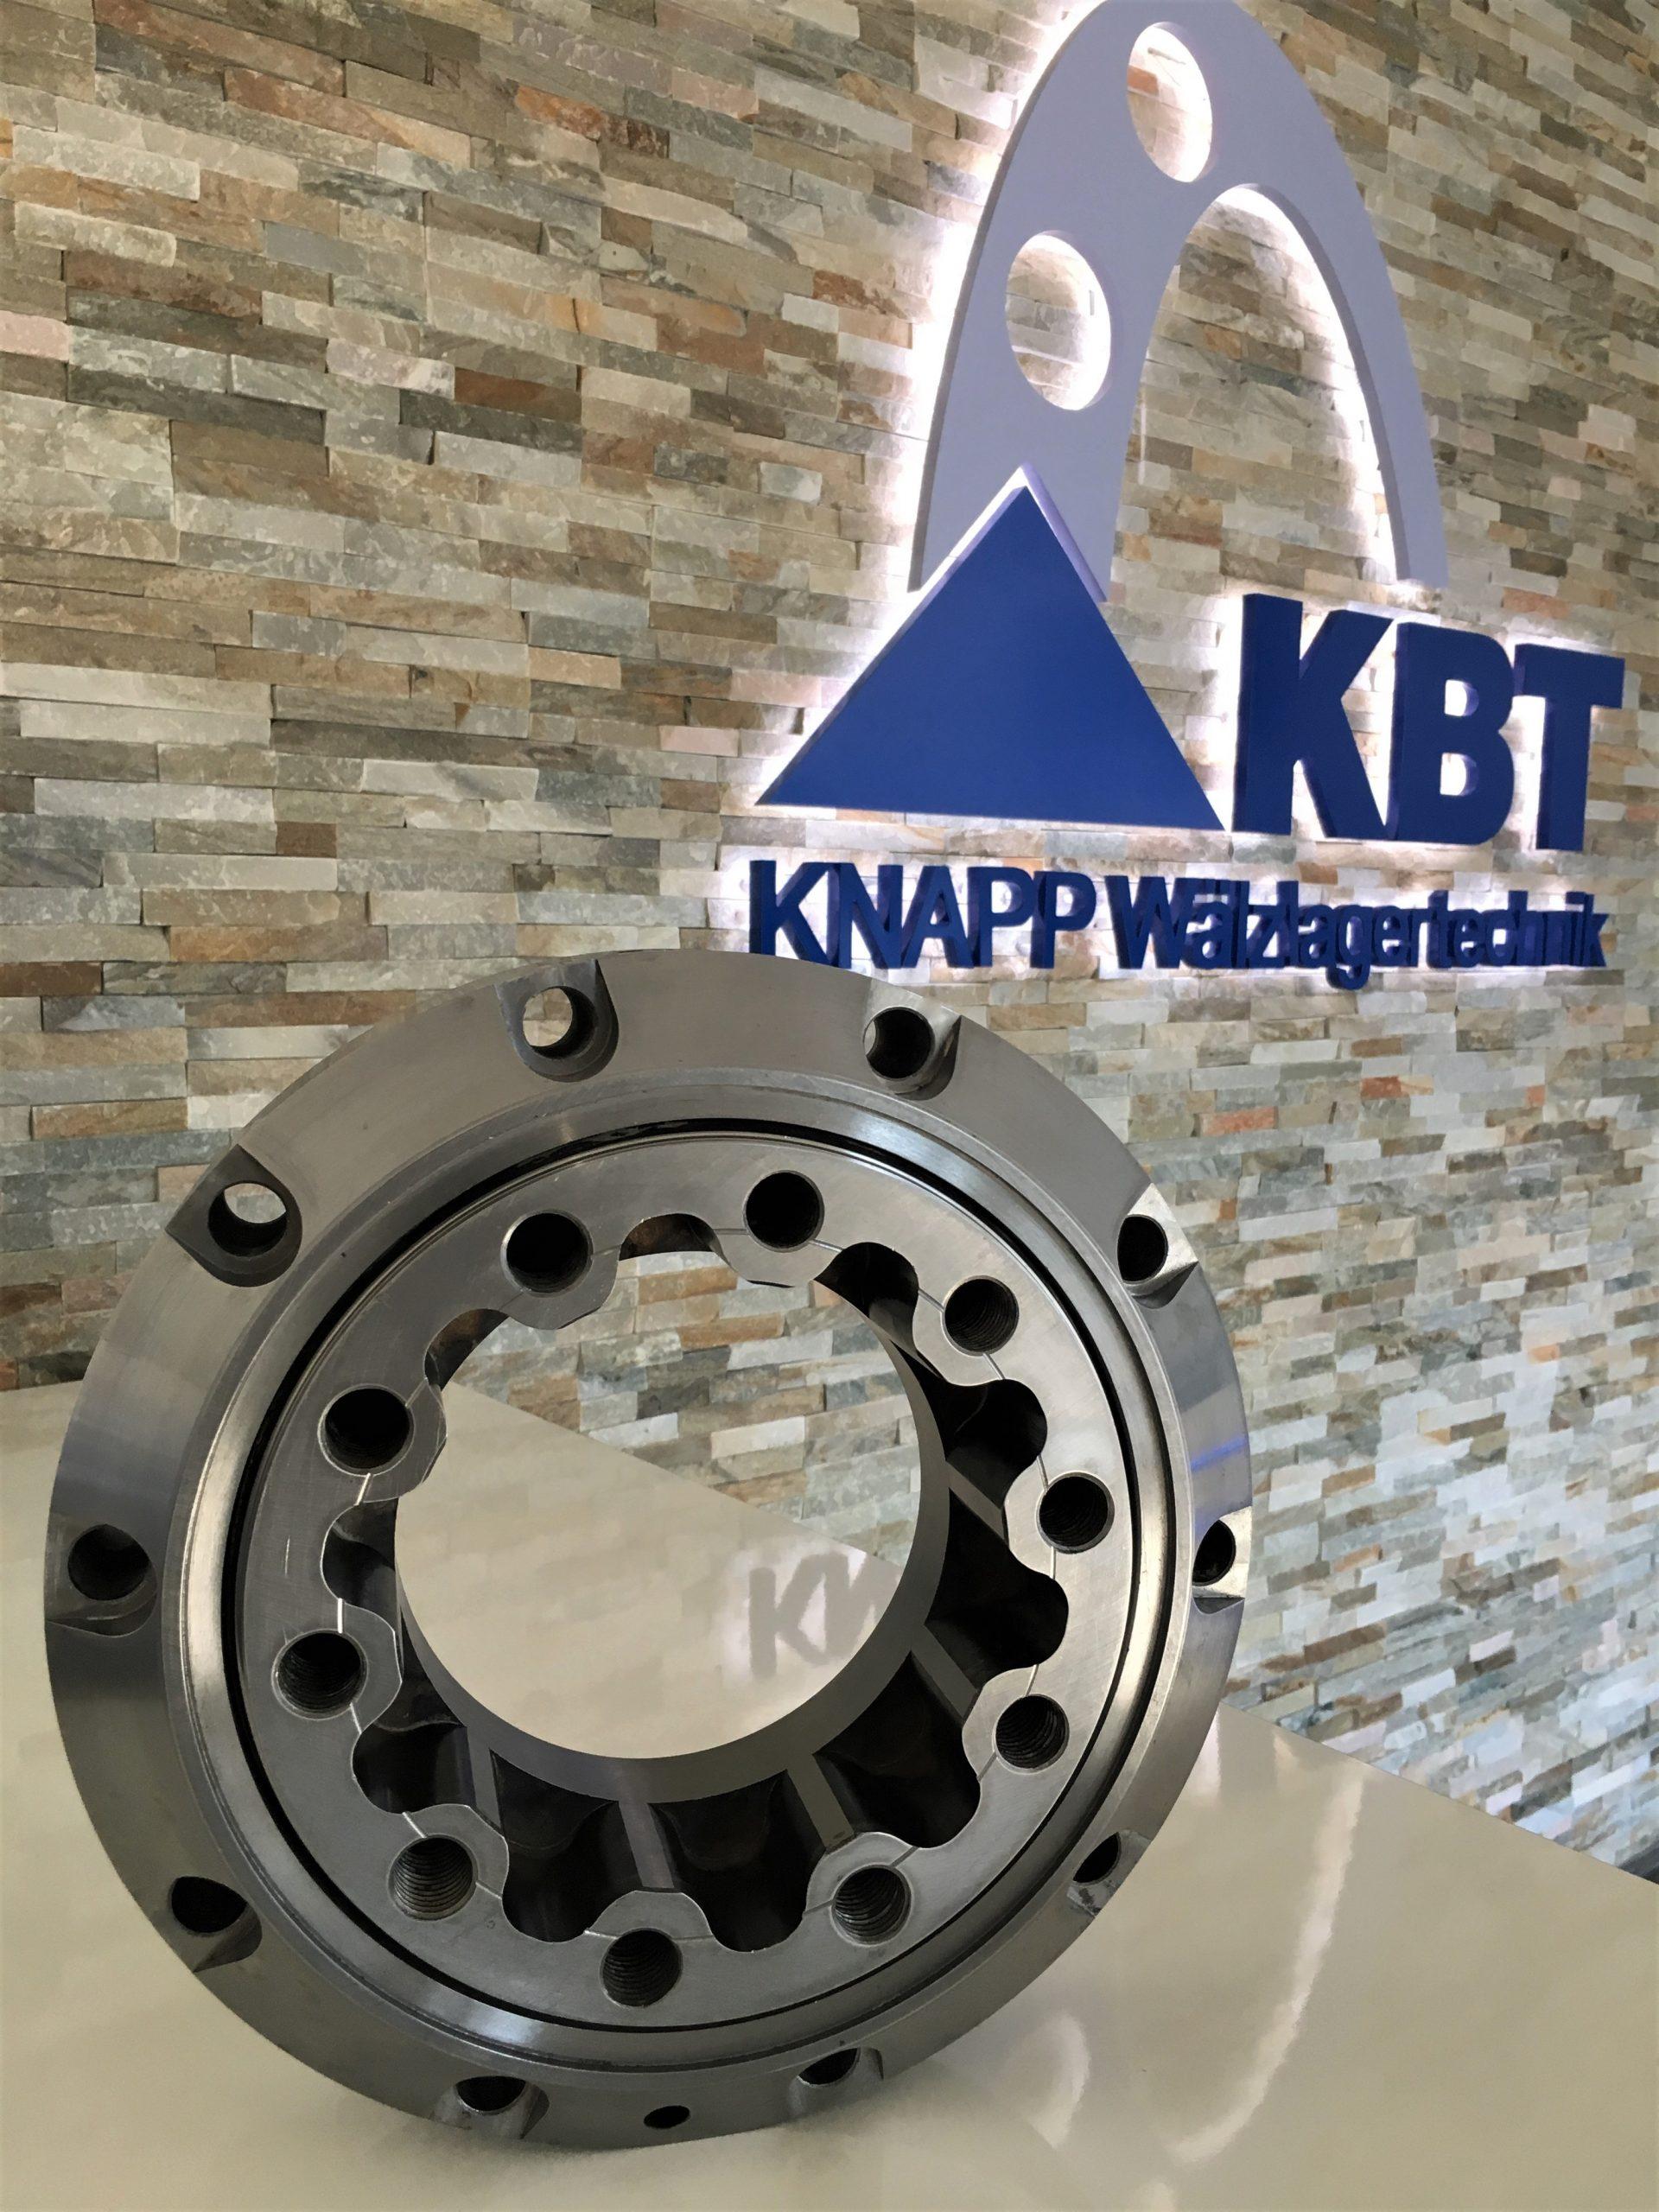 KBT Baugruppen-Lösungen